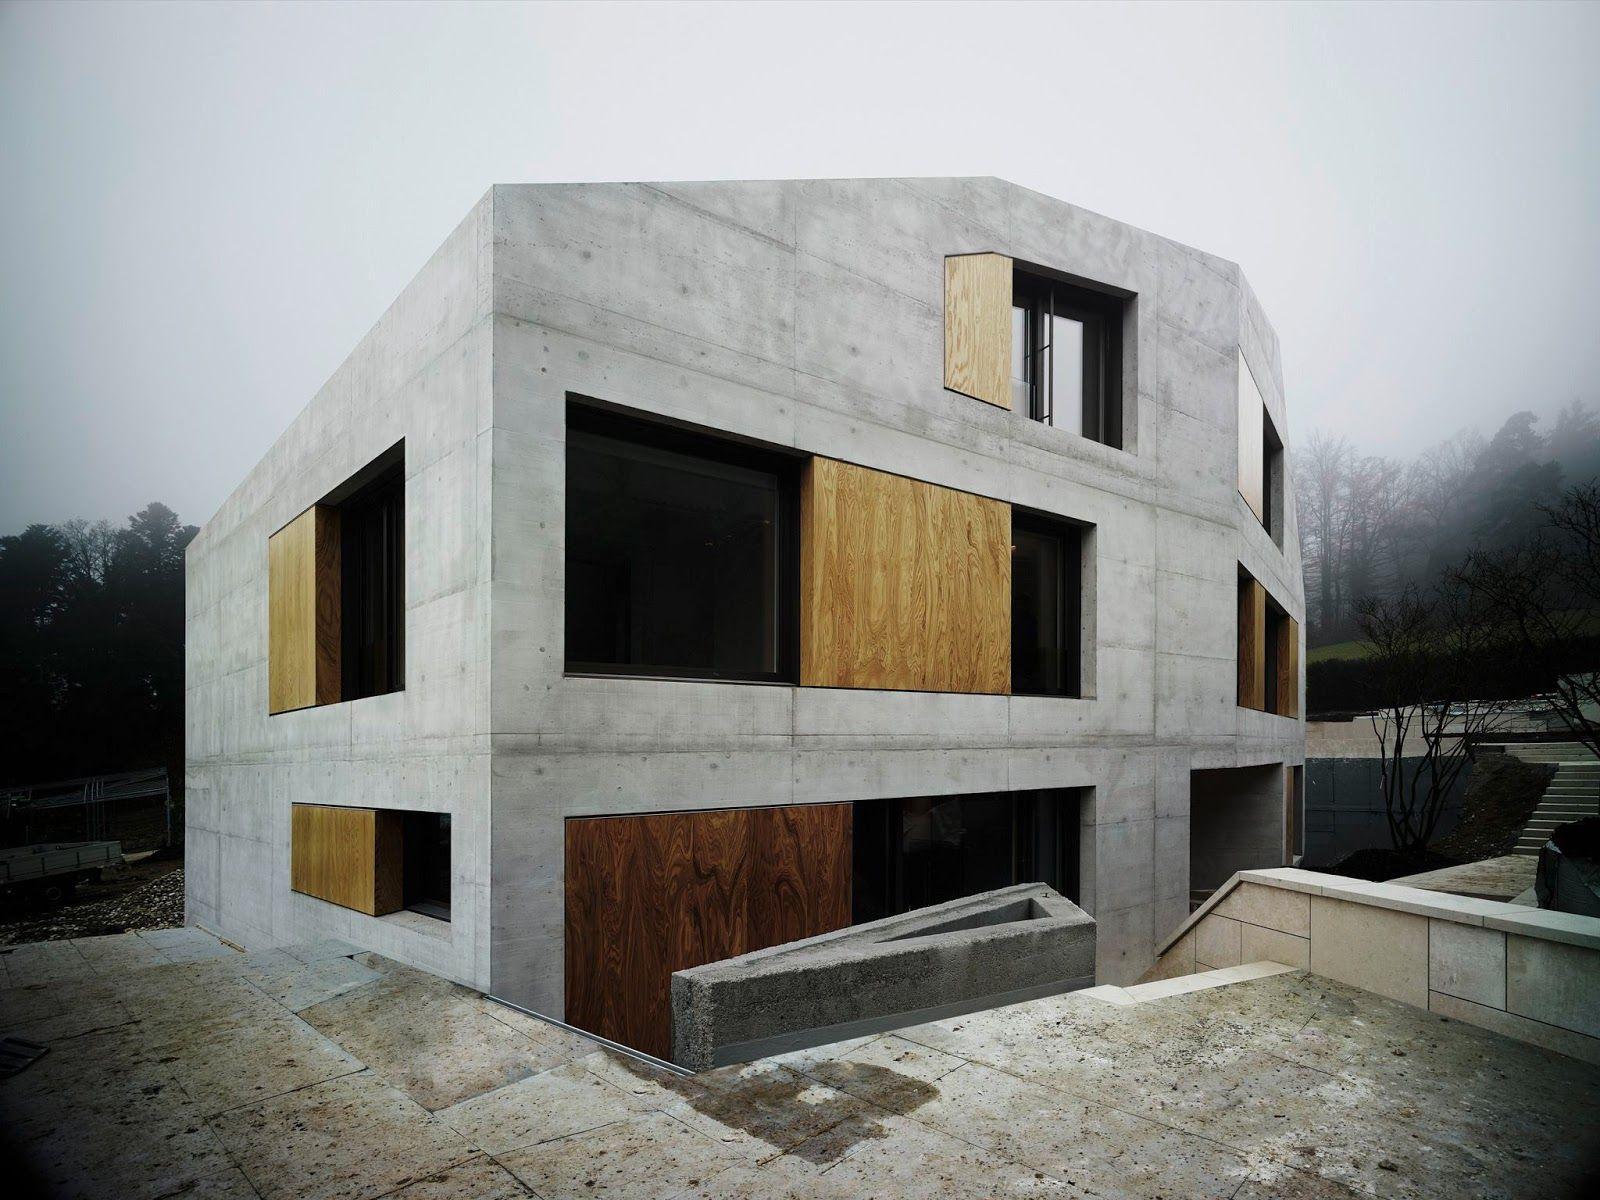 Fassaden architektur fenster studium haus zürich moderne häuser villen schweizer architekten